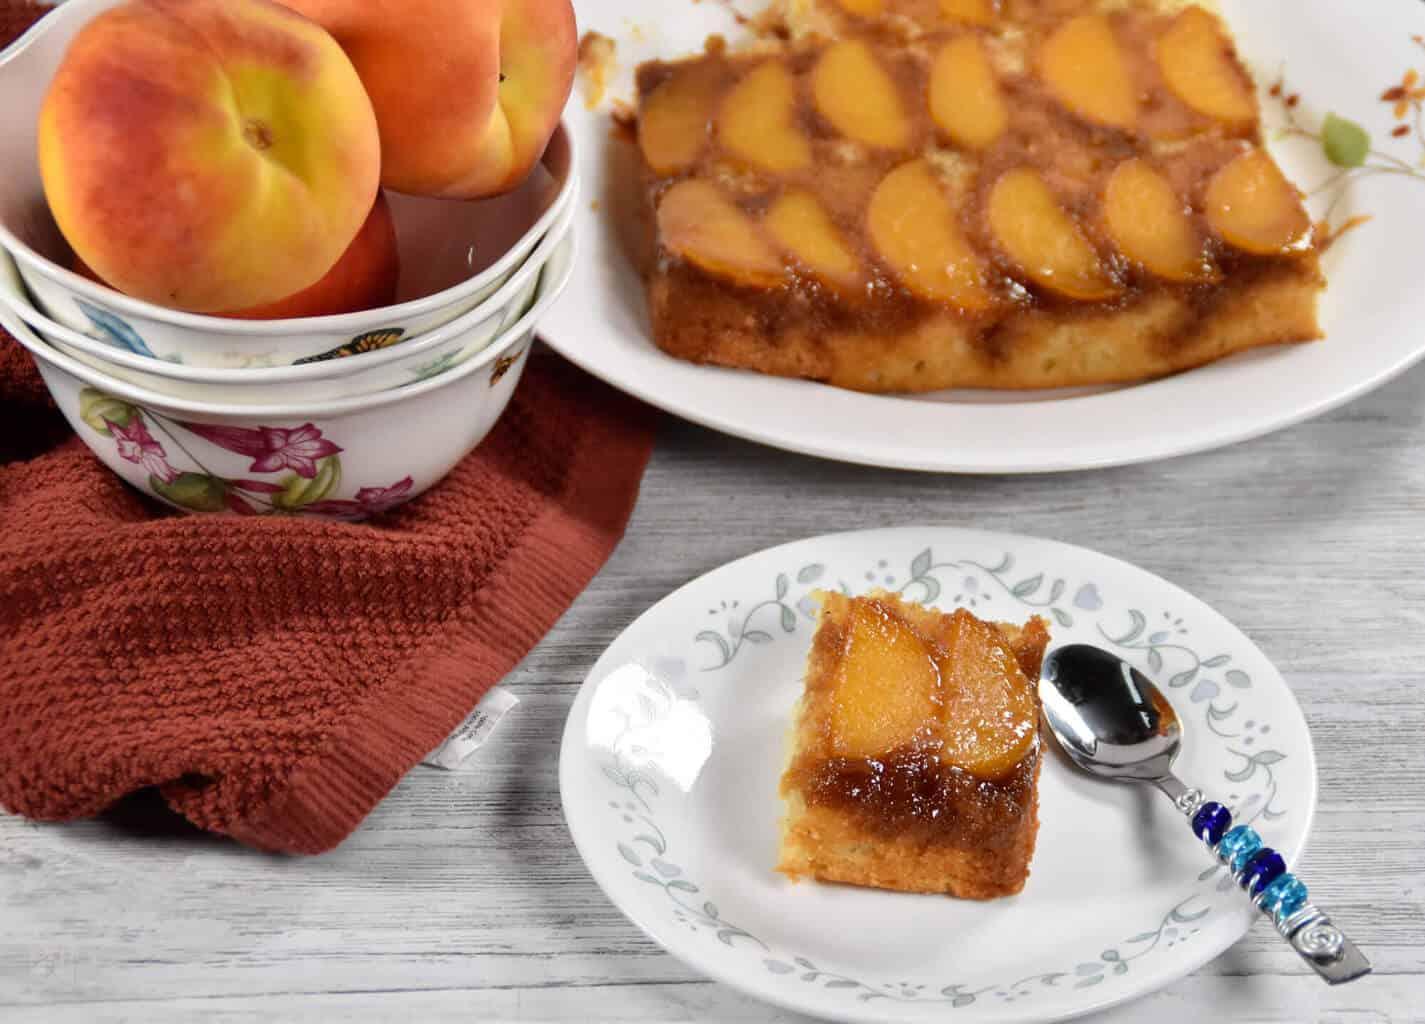 Peach Cardamom Upside Down Cake